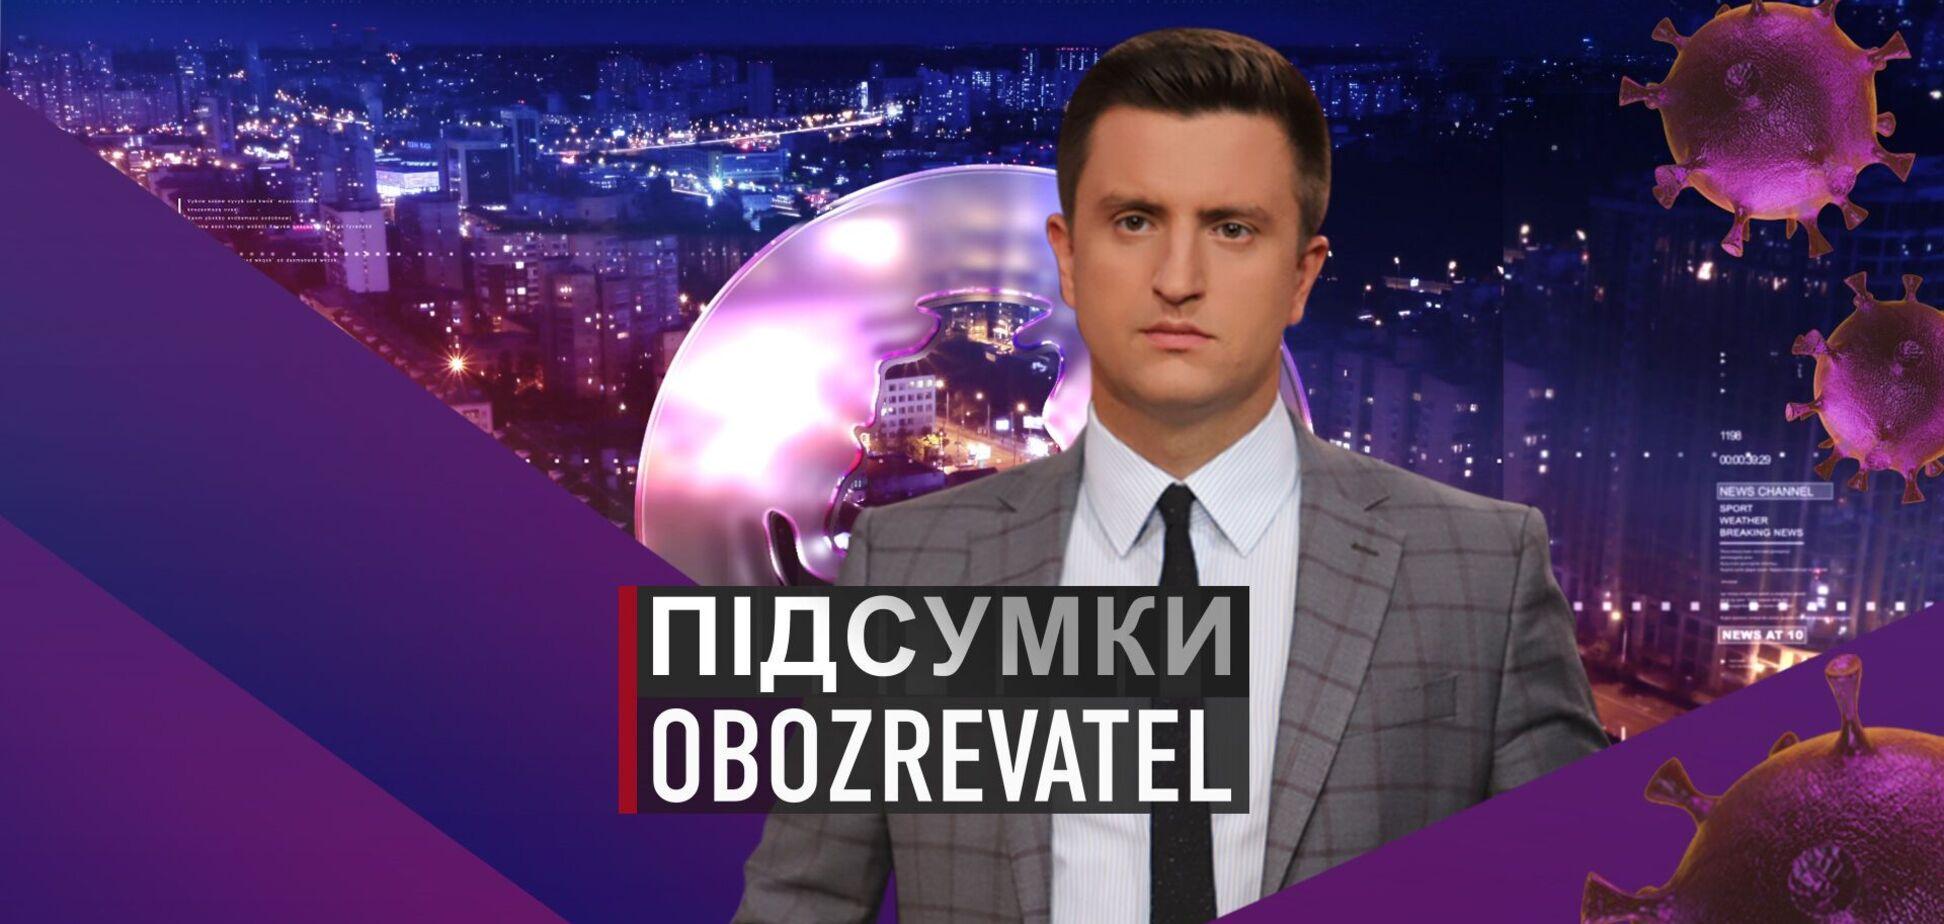 Підсумки с Вадимом Колодийчуком. Вторник, 13 июля